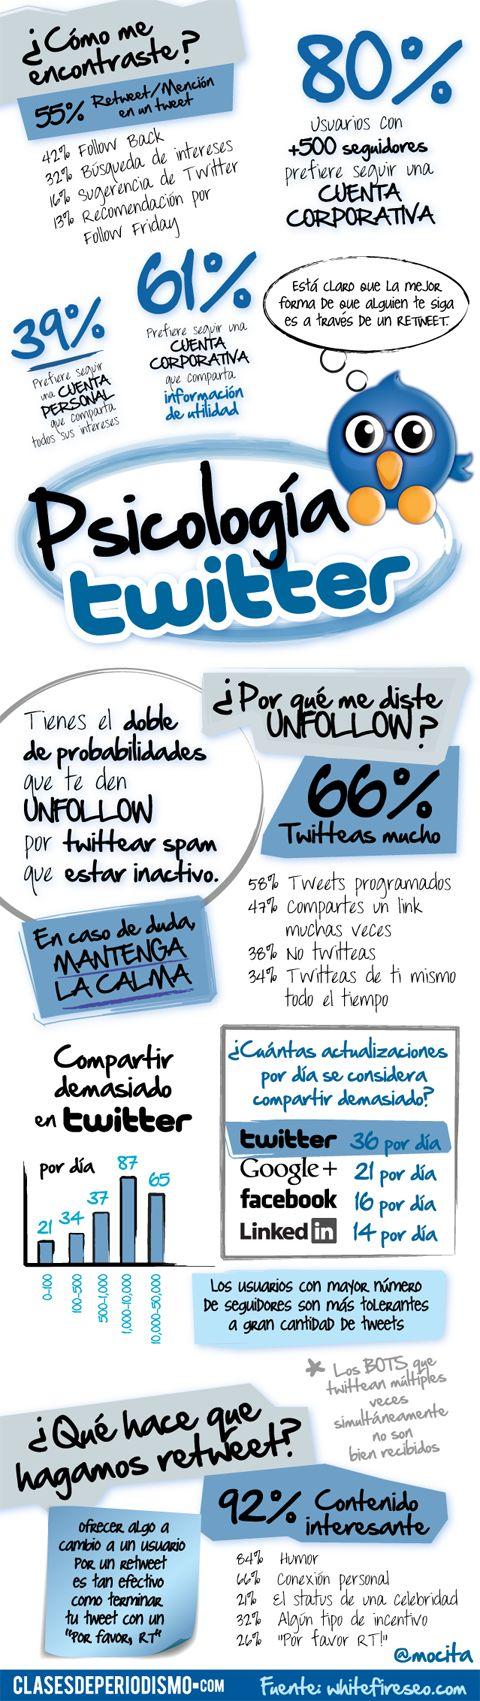 Psicología de #Twitter | #Infografia | Vía @cdperiodismo